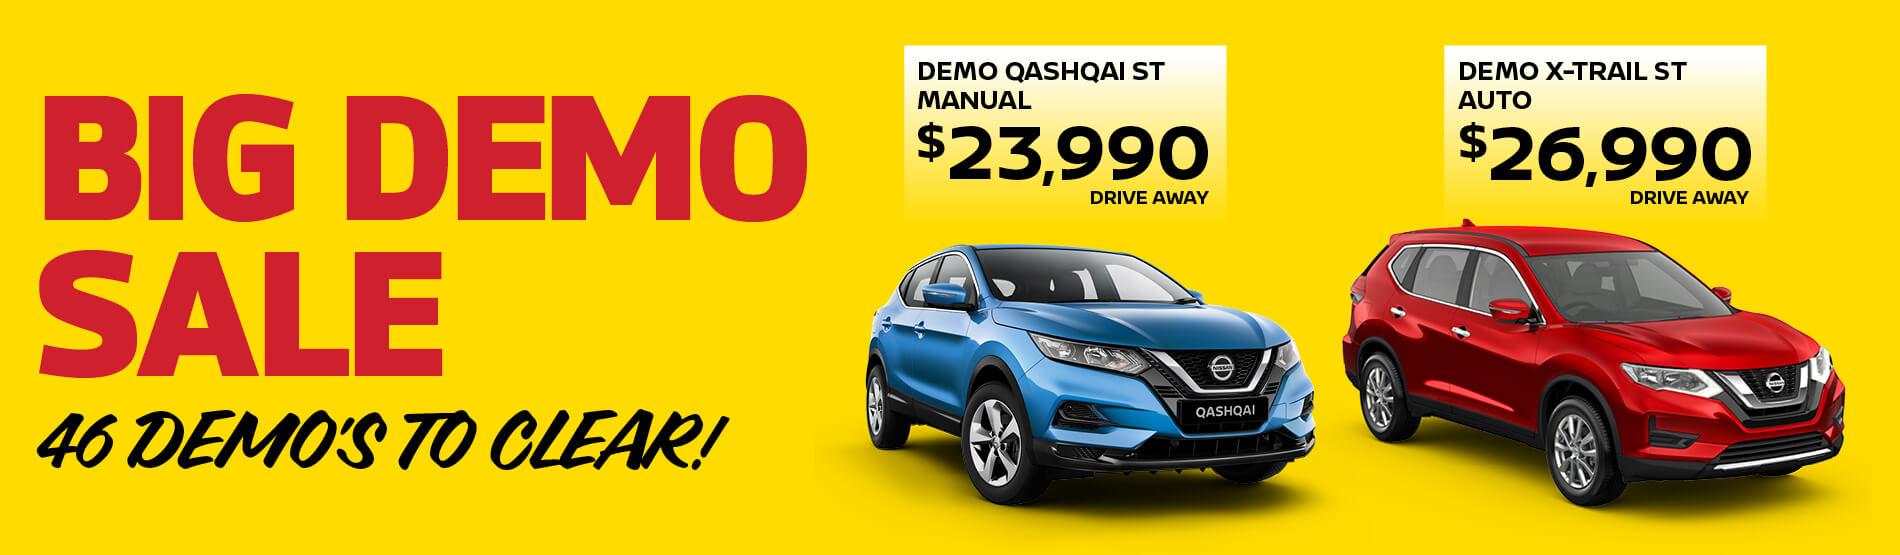 Big Demo Sale - Parry North Queensland Nissan